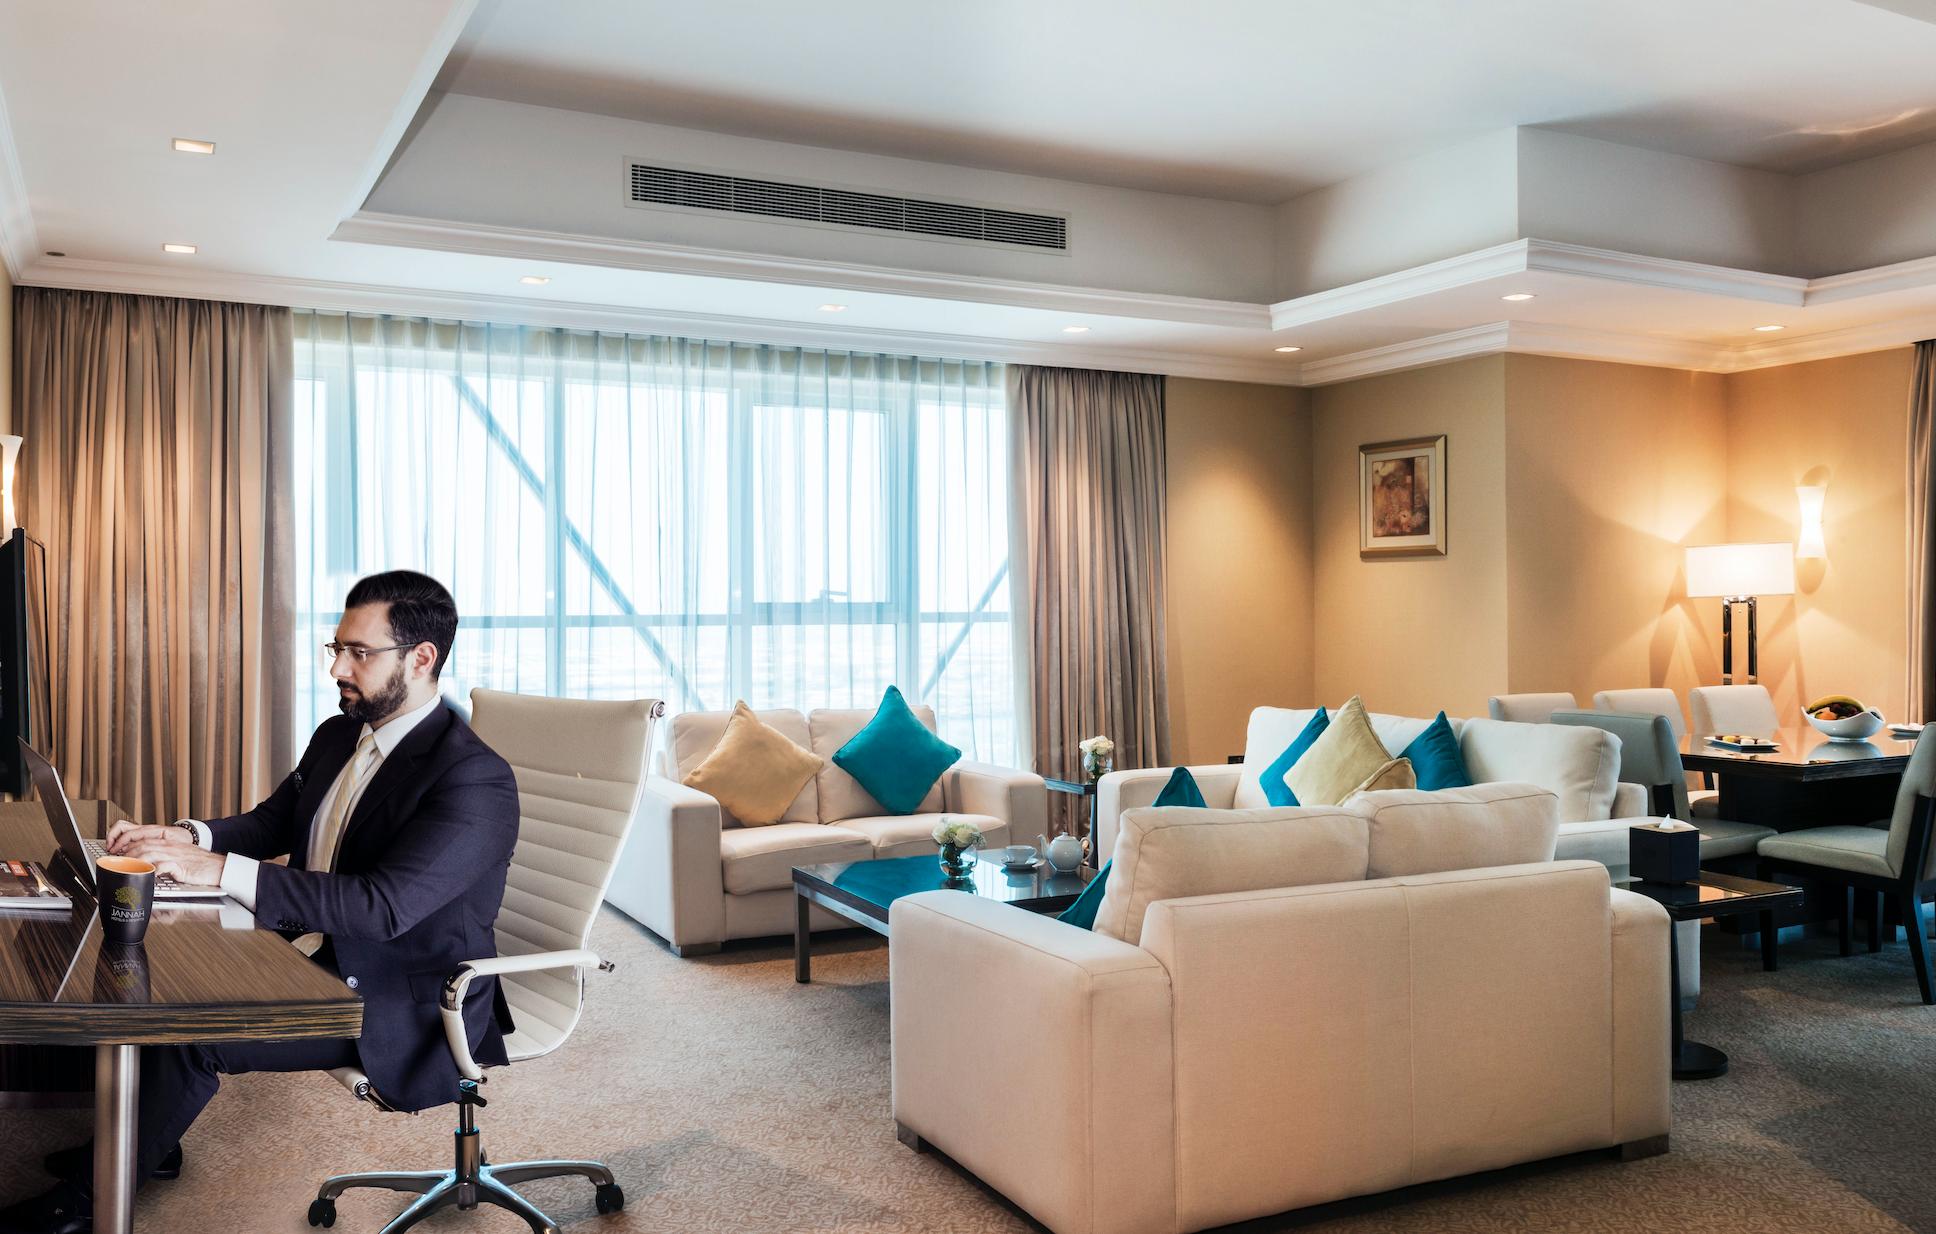 """استمتع بالخصوصية والأمان خلال """"العمل عن بعد""""  مع باقة المكاتب الفندقية في فنادق ومنتجعات جنة"""